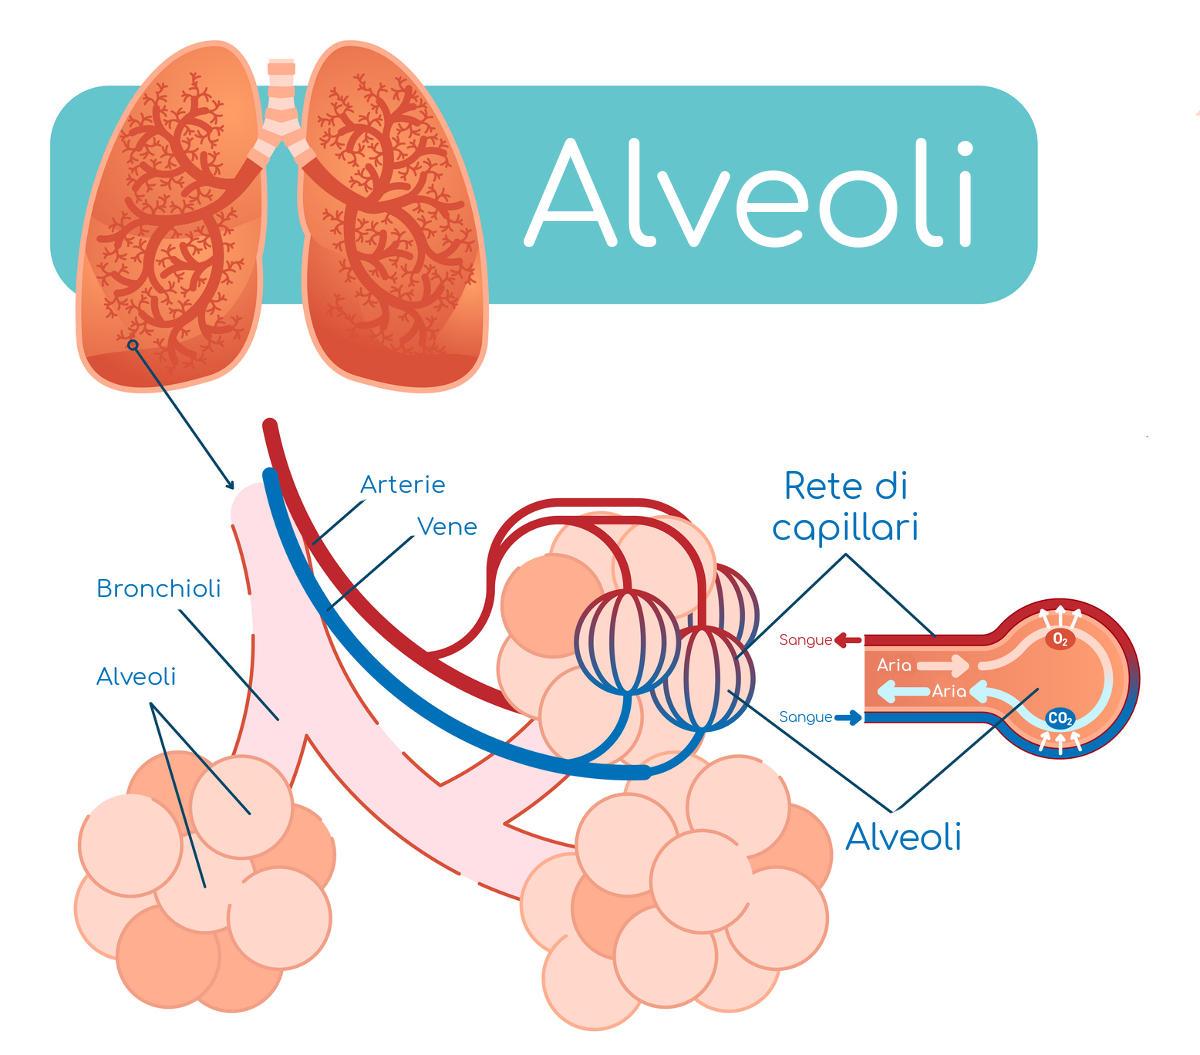 Estructura de los alvéolos pulmonares